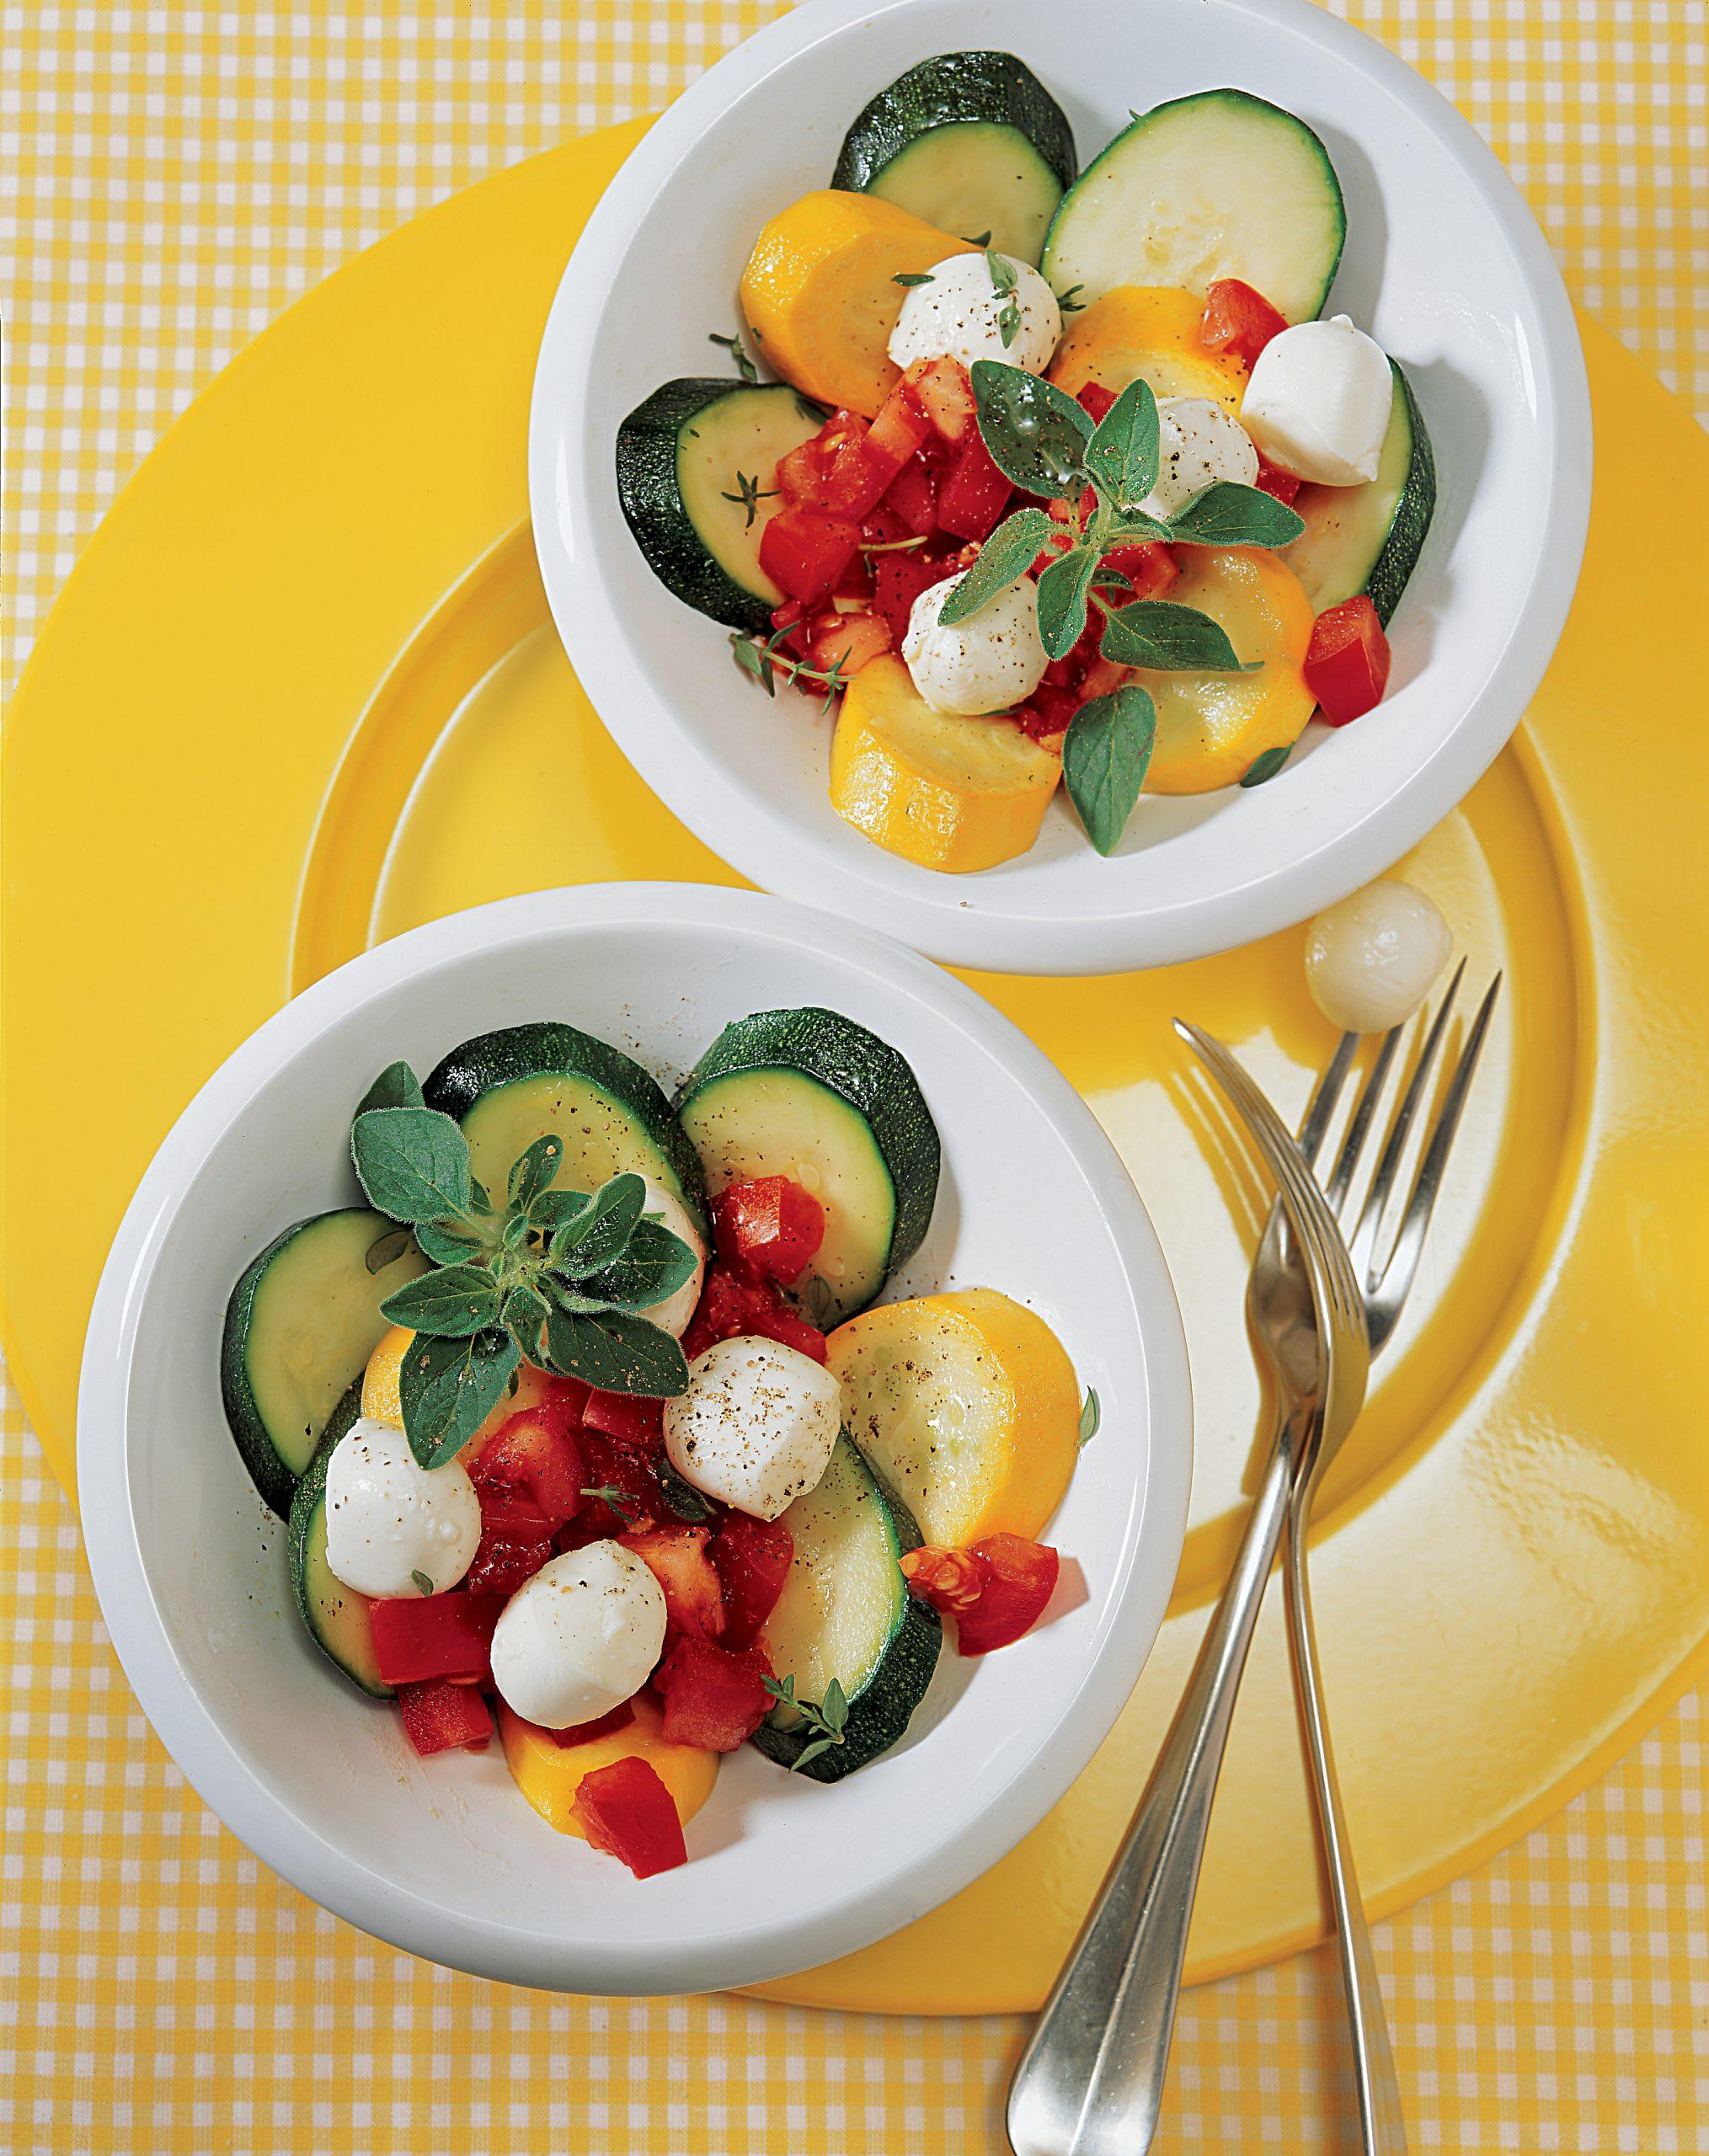 Salade de courgettes tiède (low carb)